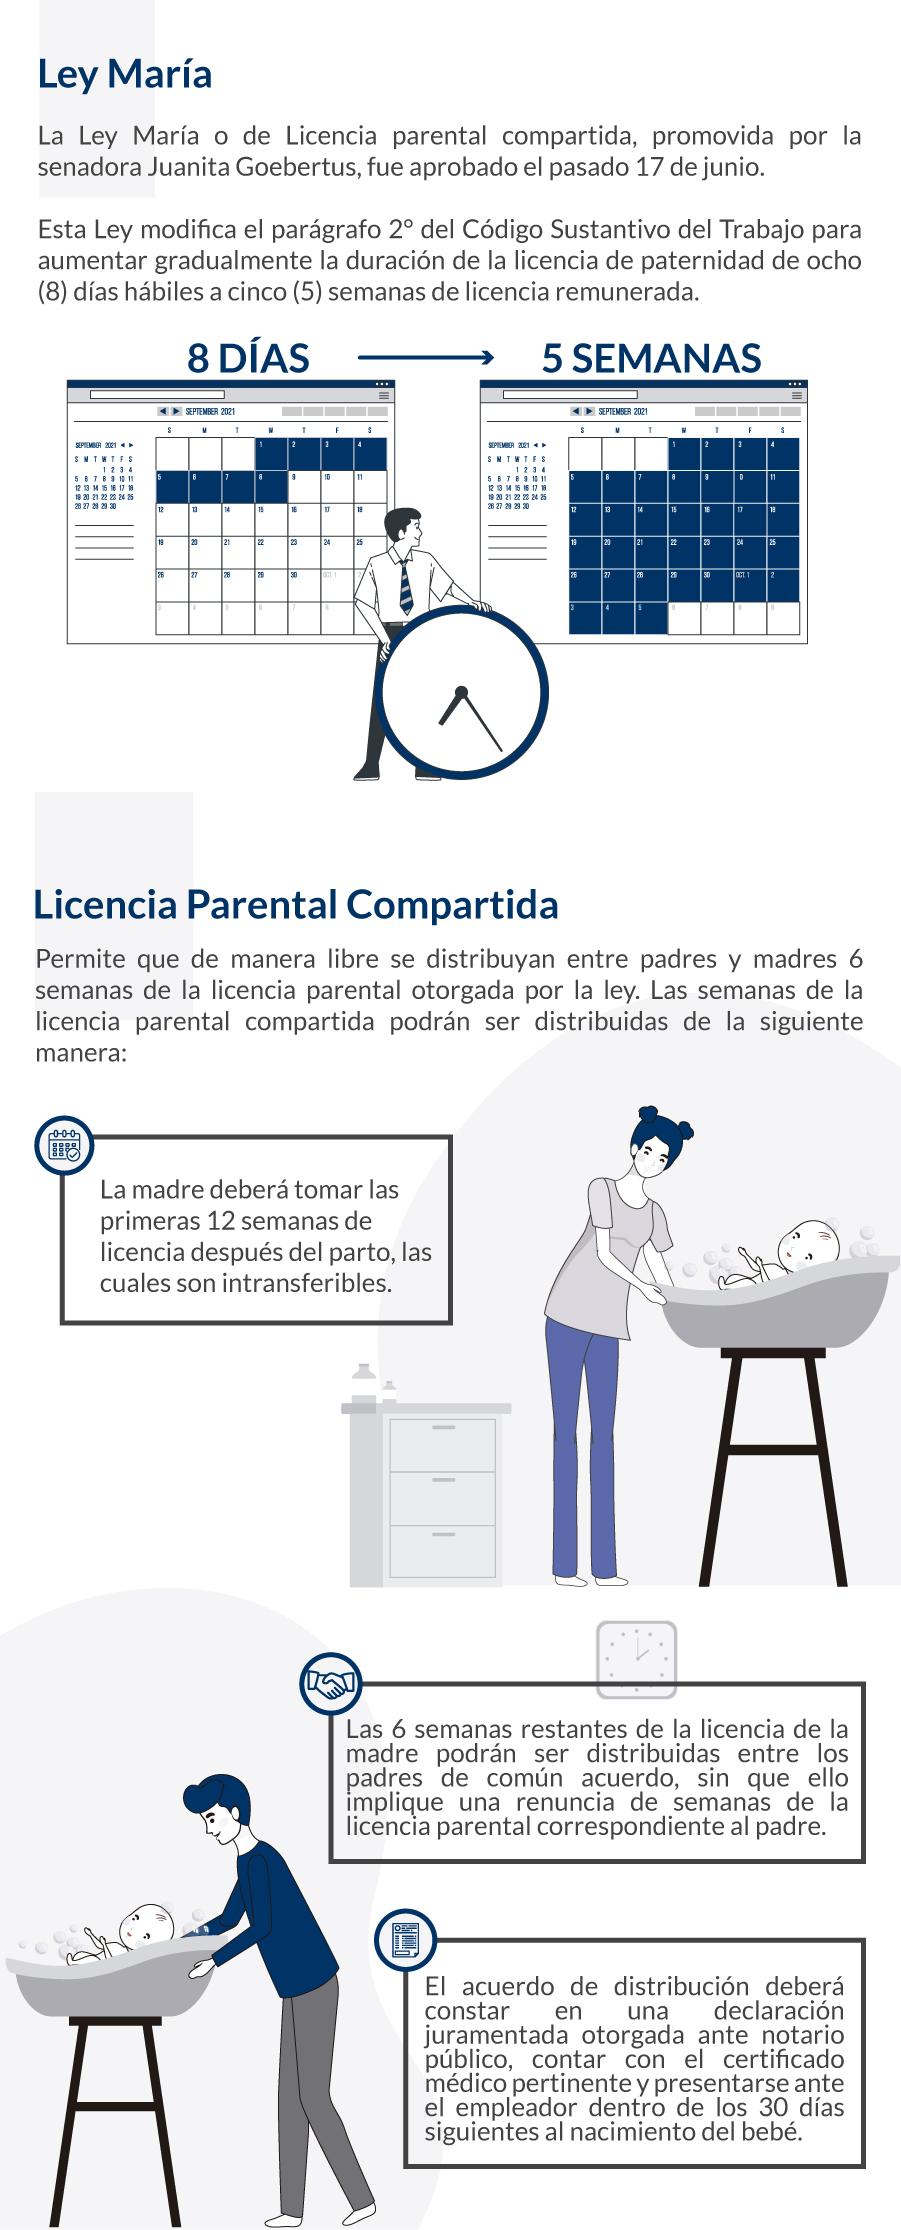 Ley Maria licencia parental compartida